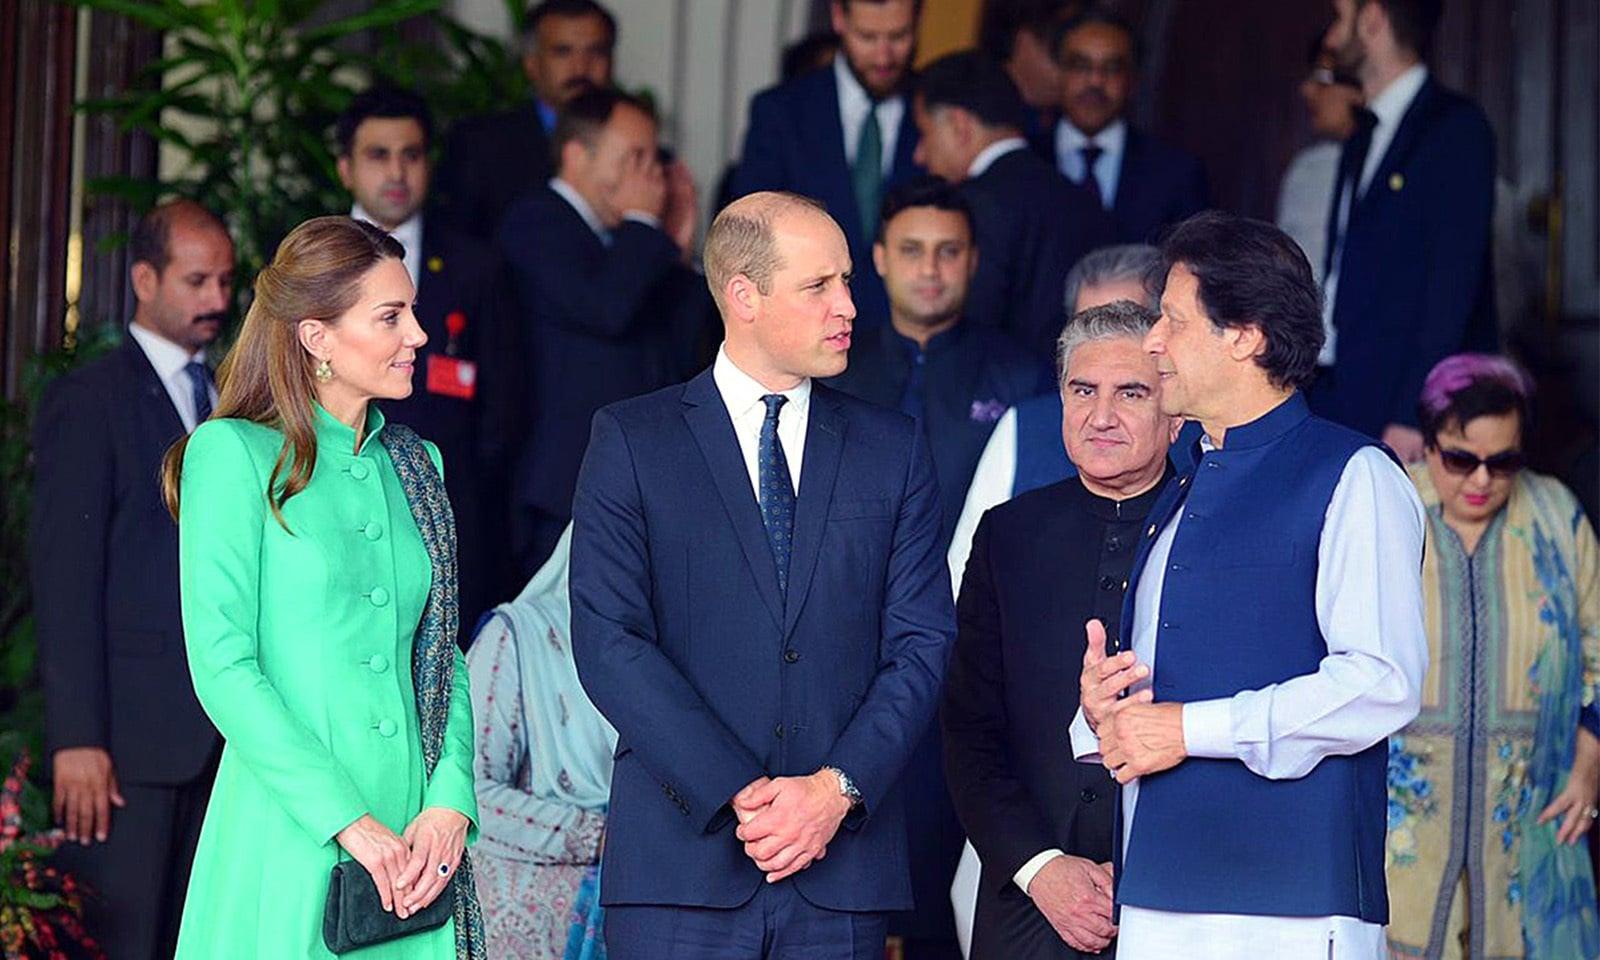 وزیر اعظم ہاؤس آمد پر عمران خان نے شاہی جوڑے کا استقبال کیا — فوٹو: اے پی پی